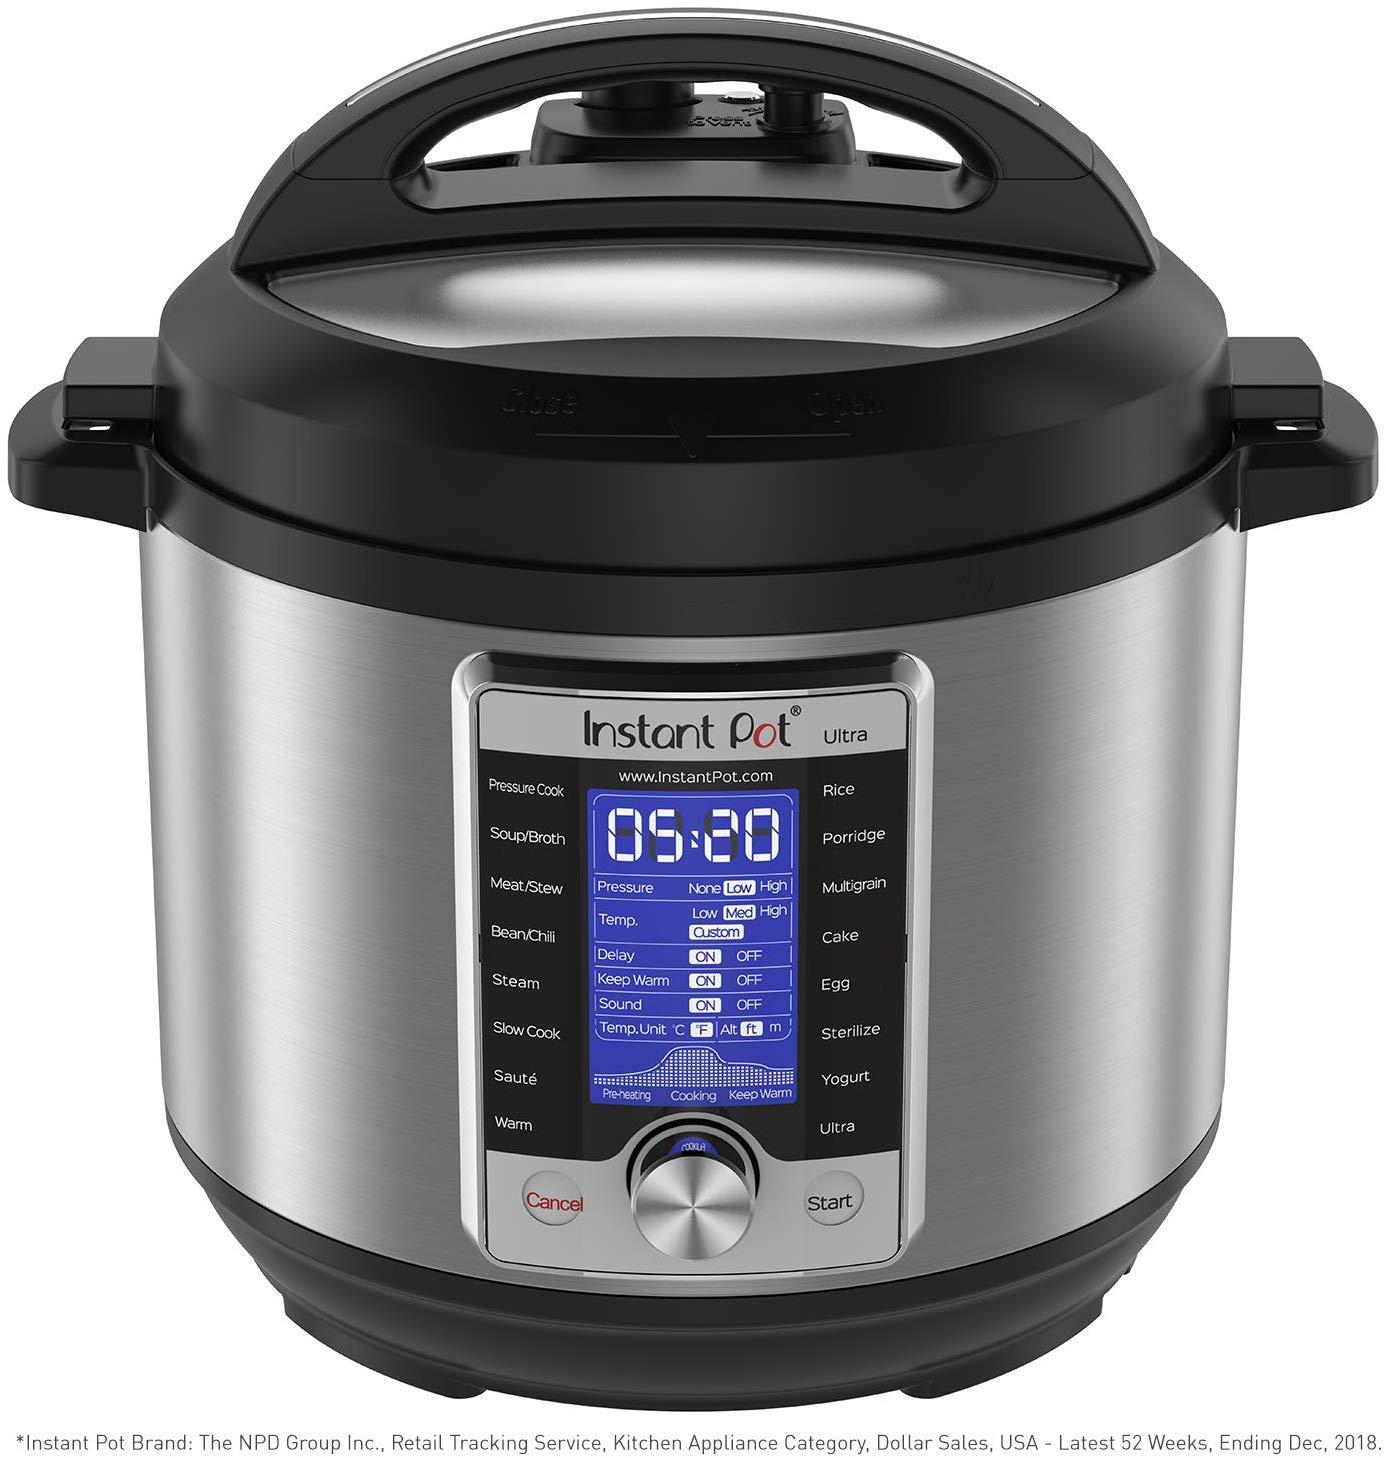 Instant pot ultra 6-quart pressure cooker